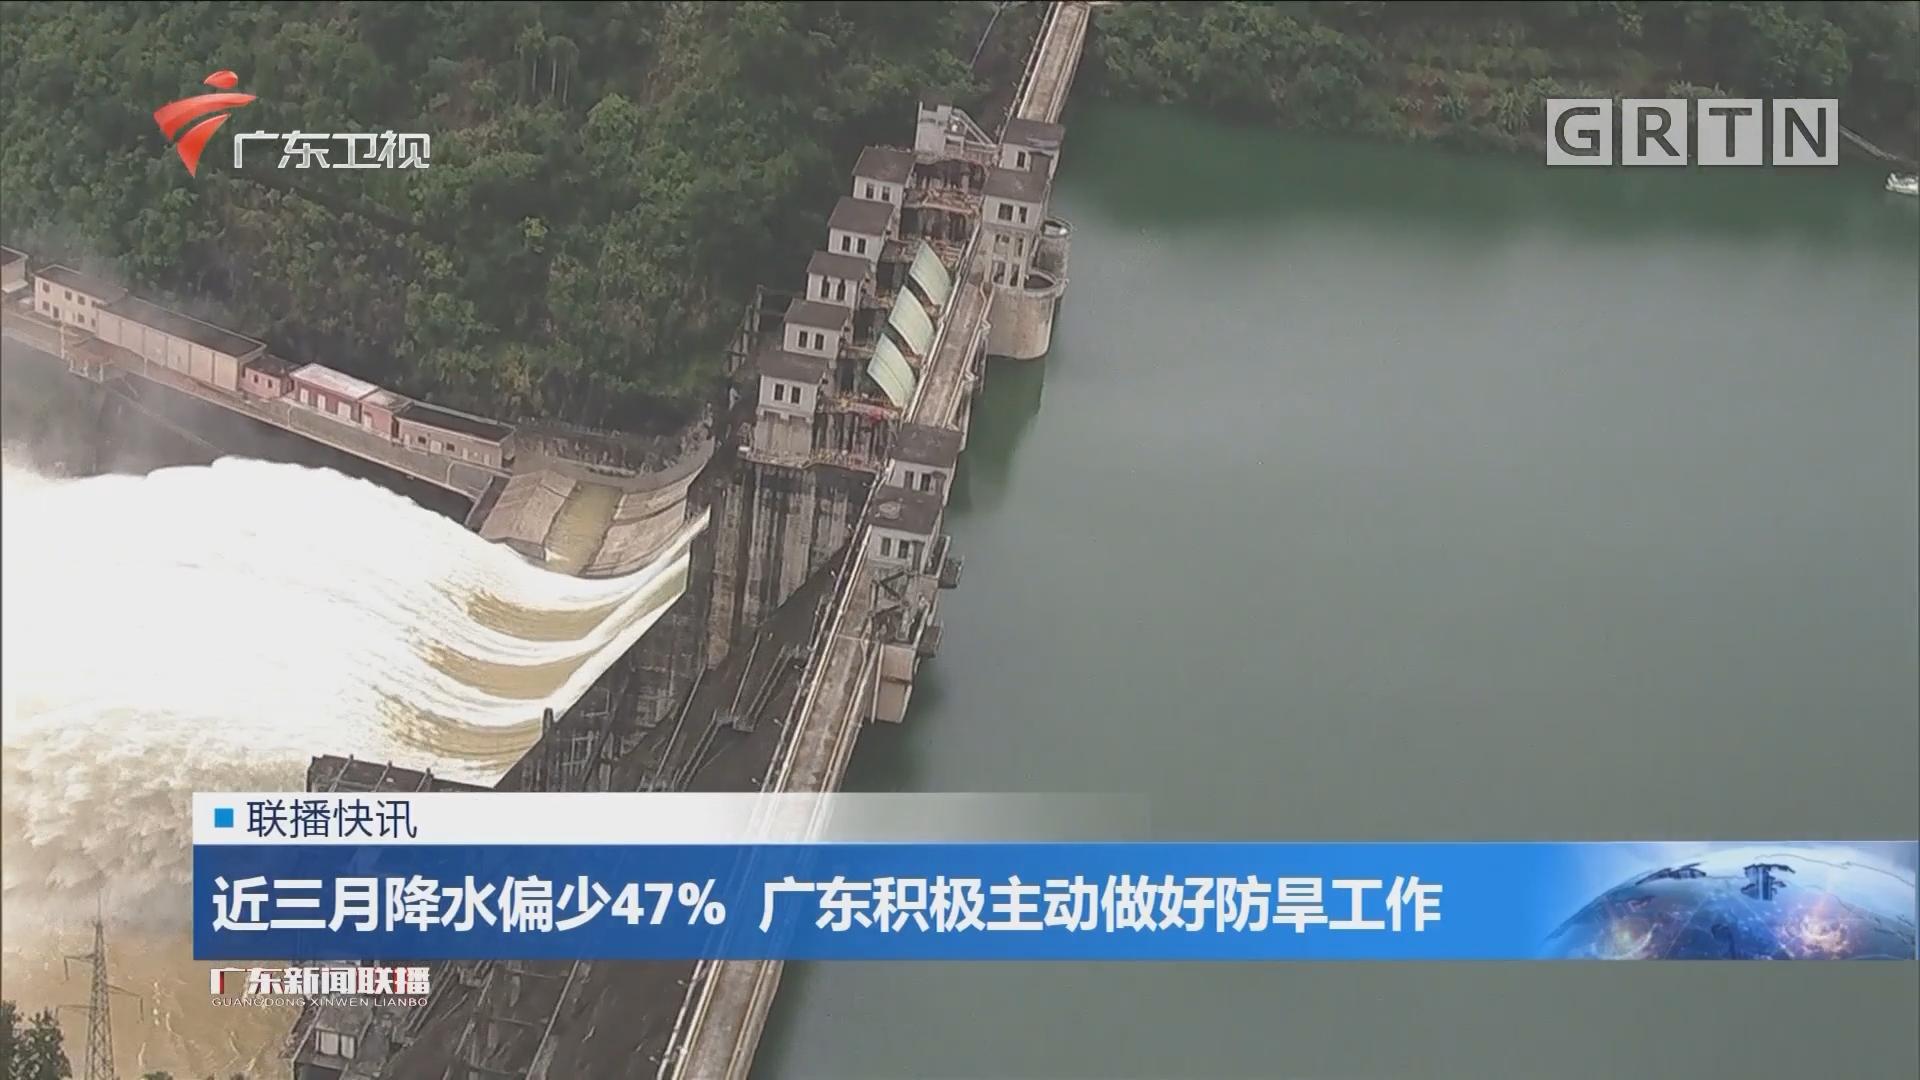 近三月降水偏少47% 广东积极主动做好防旱工作